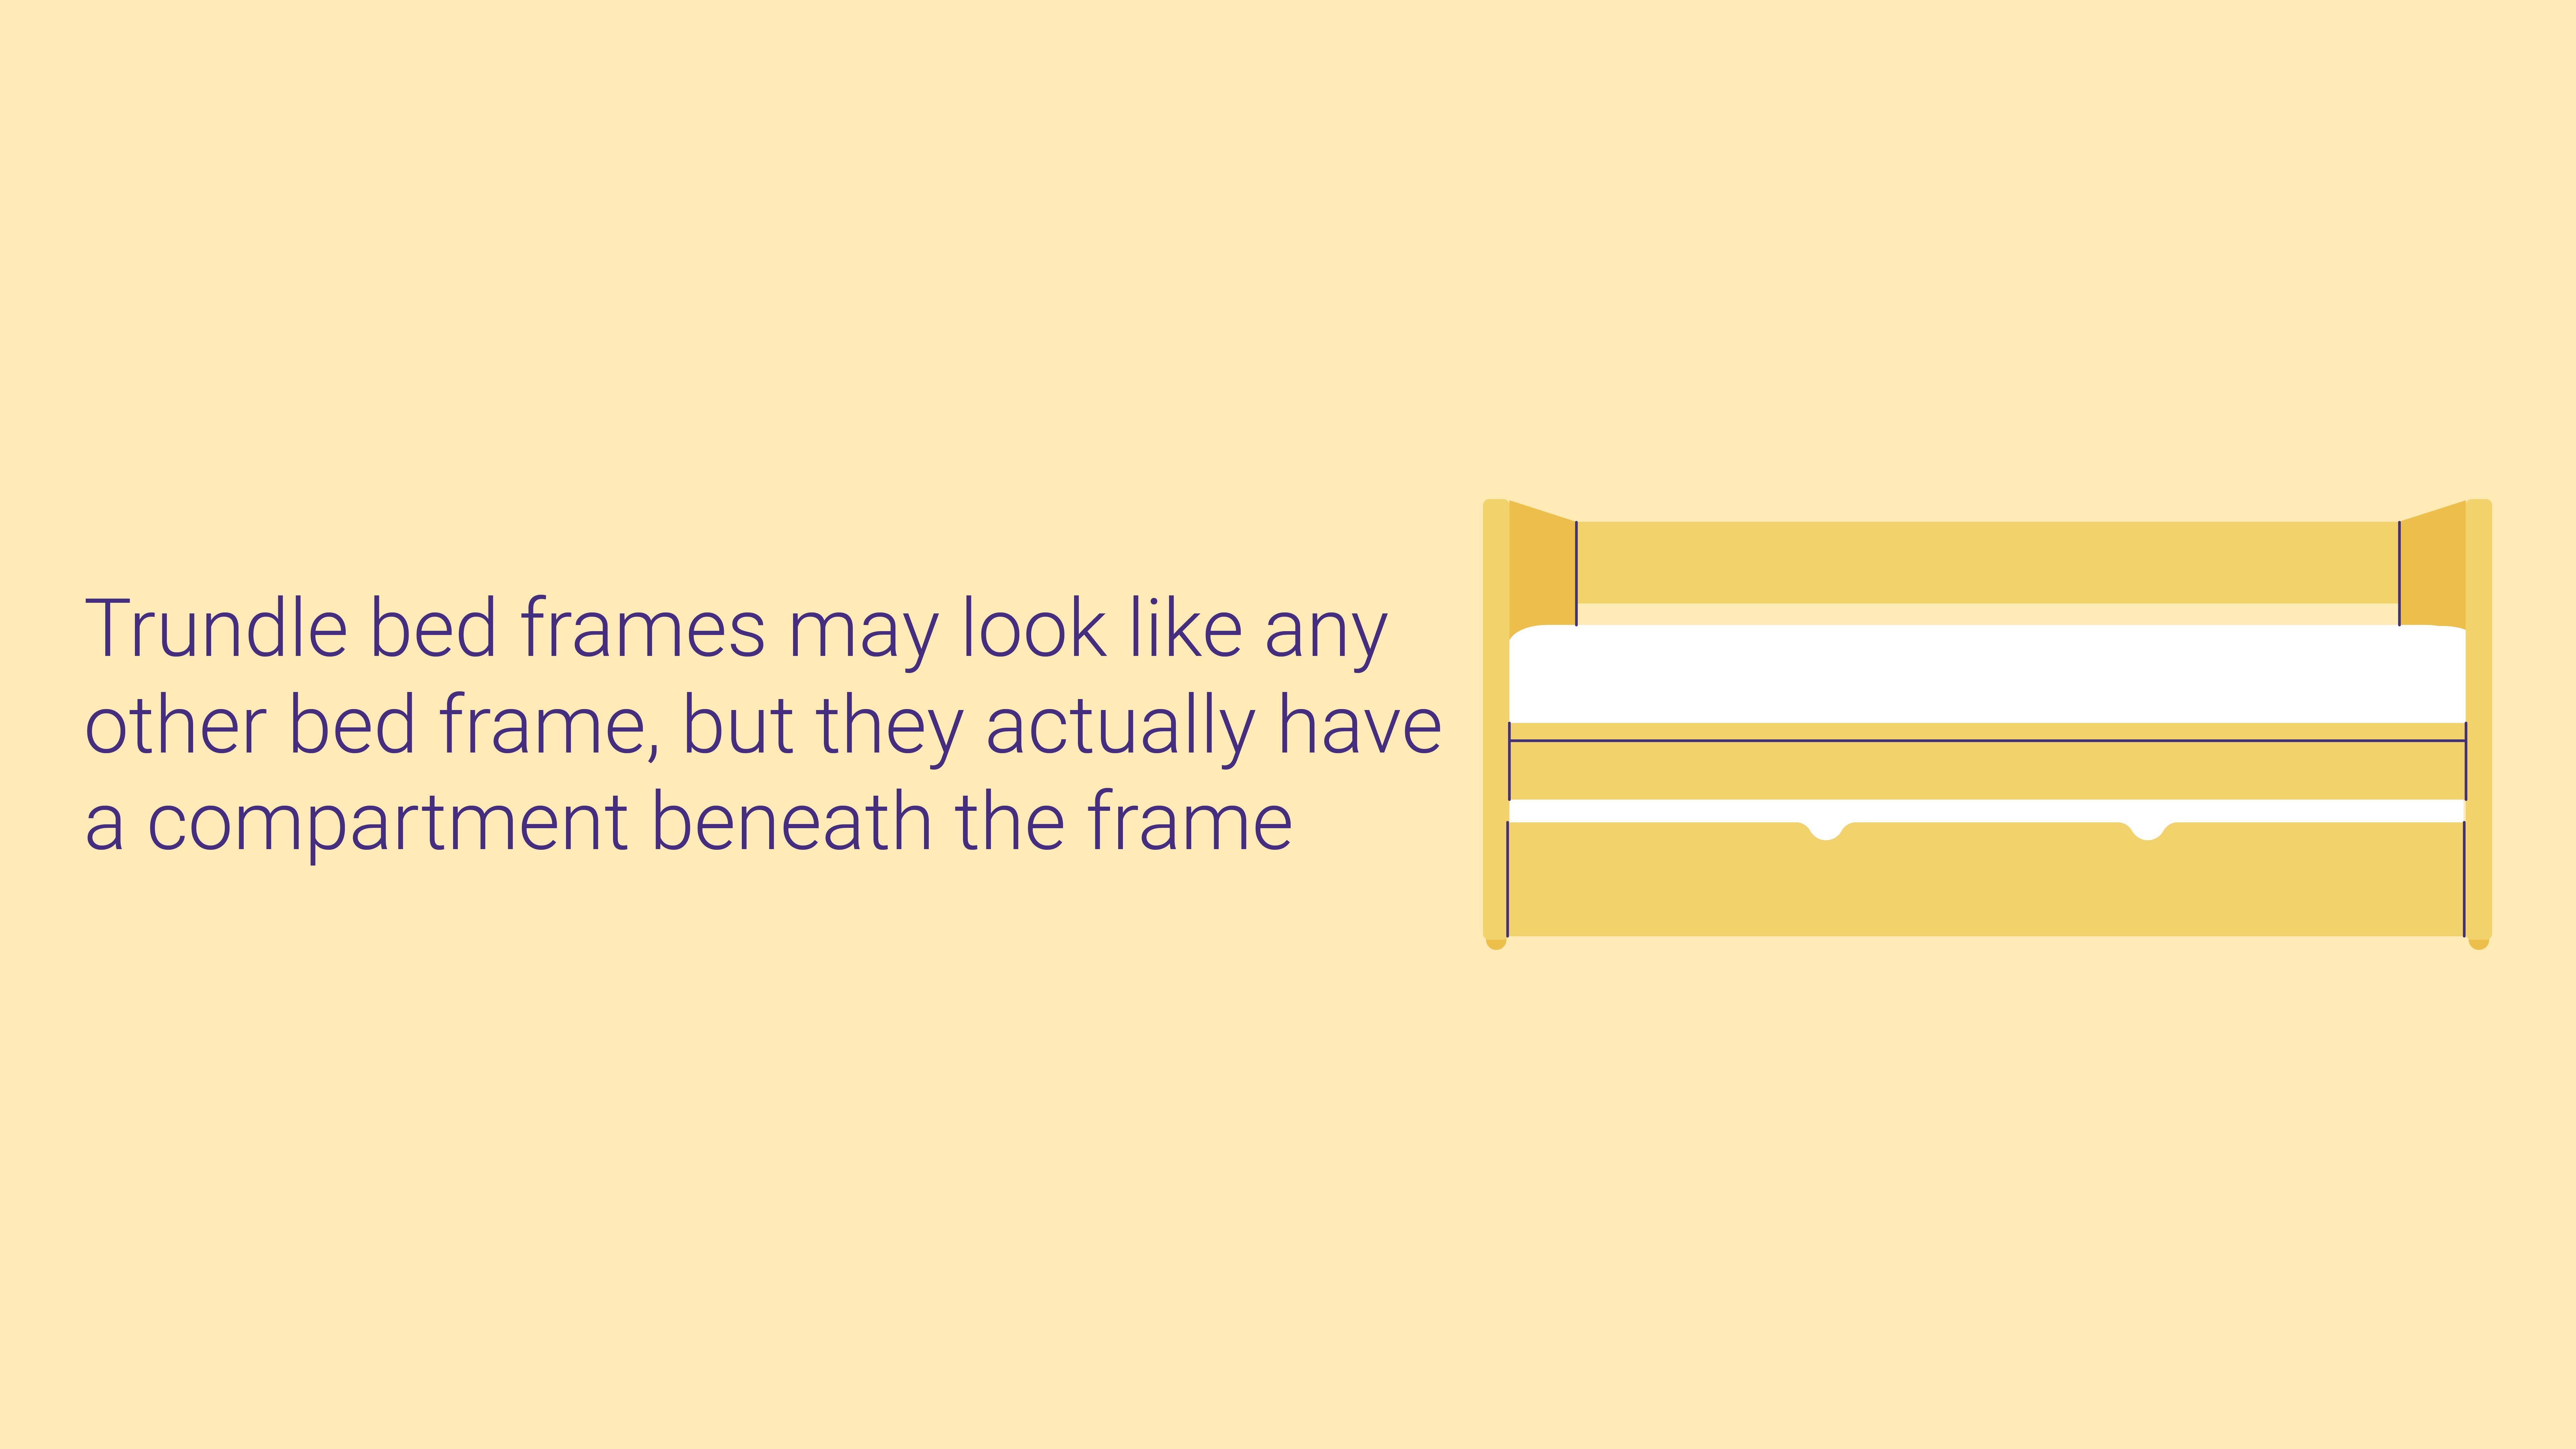 Best-Bed-Frames